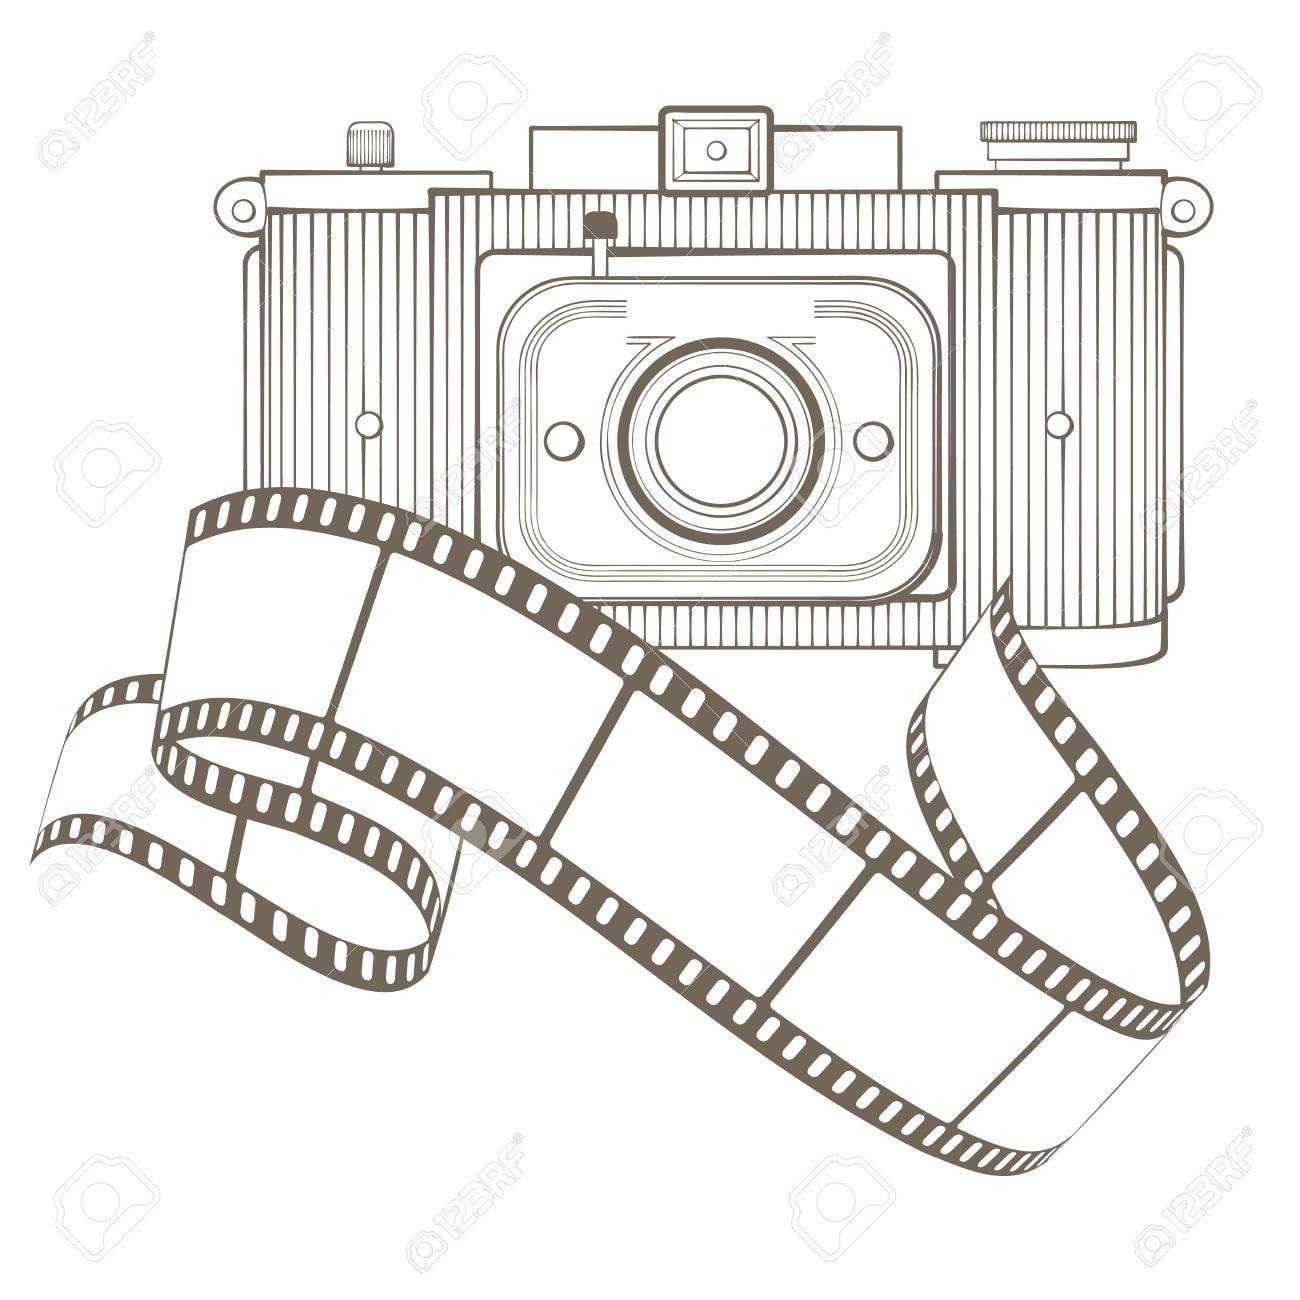 Retro photo camera with vignette Stock Vector - 17772500